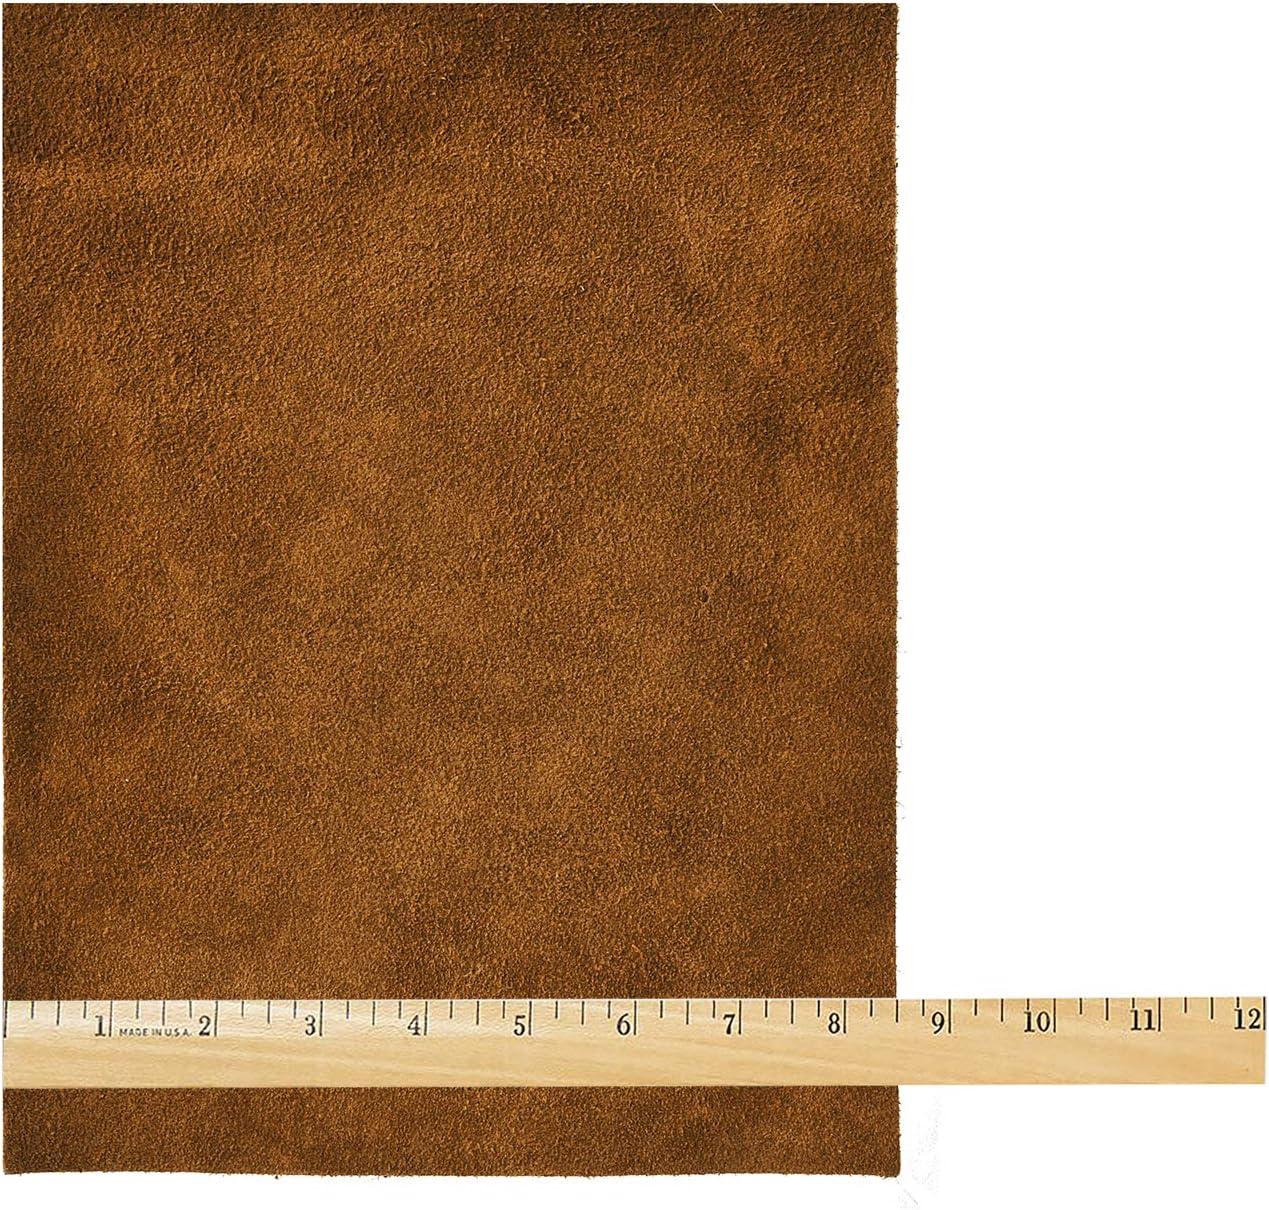 Beige Realeather Suede Craft Sheet 8.5x11